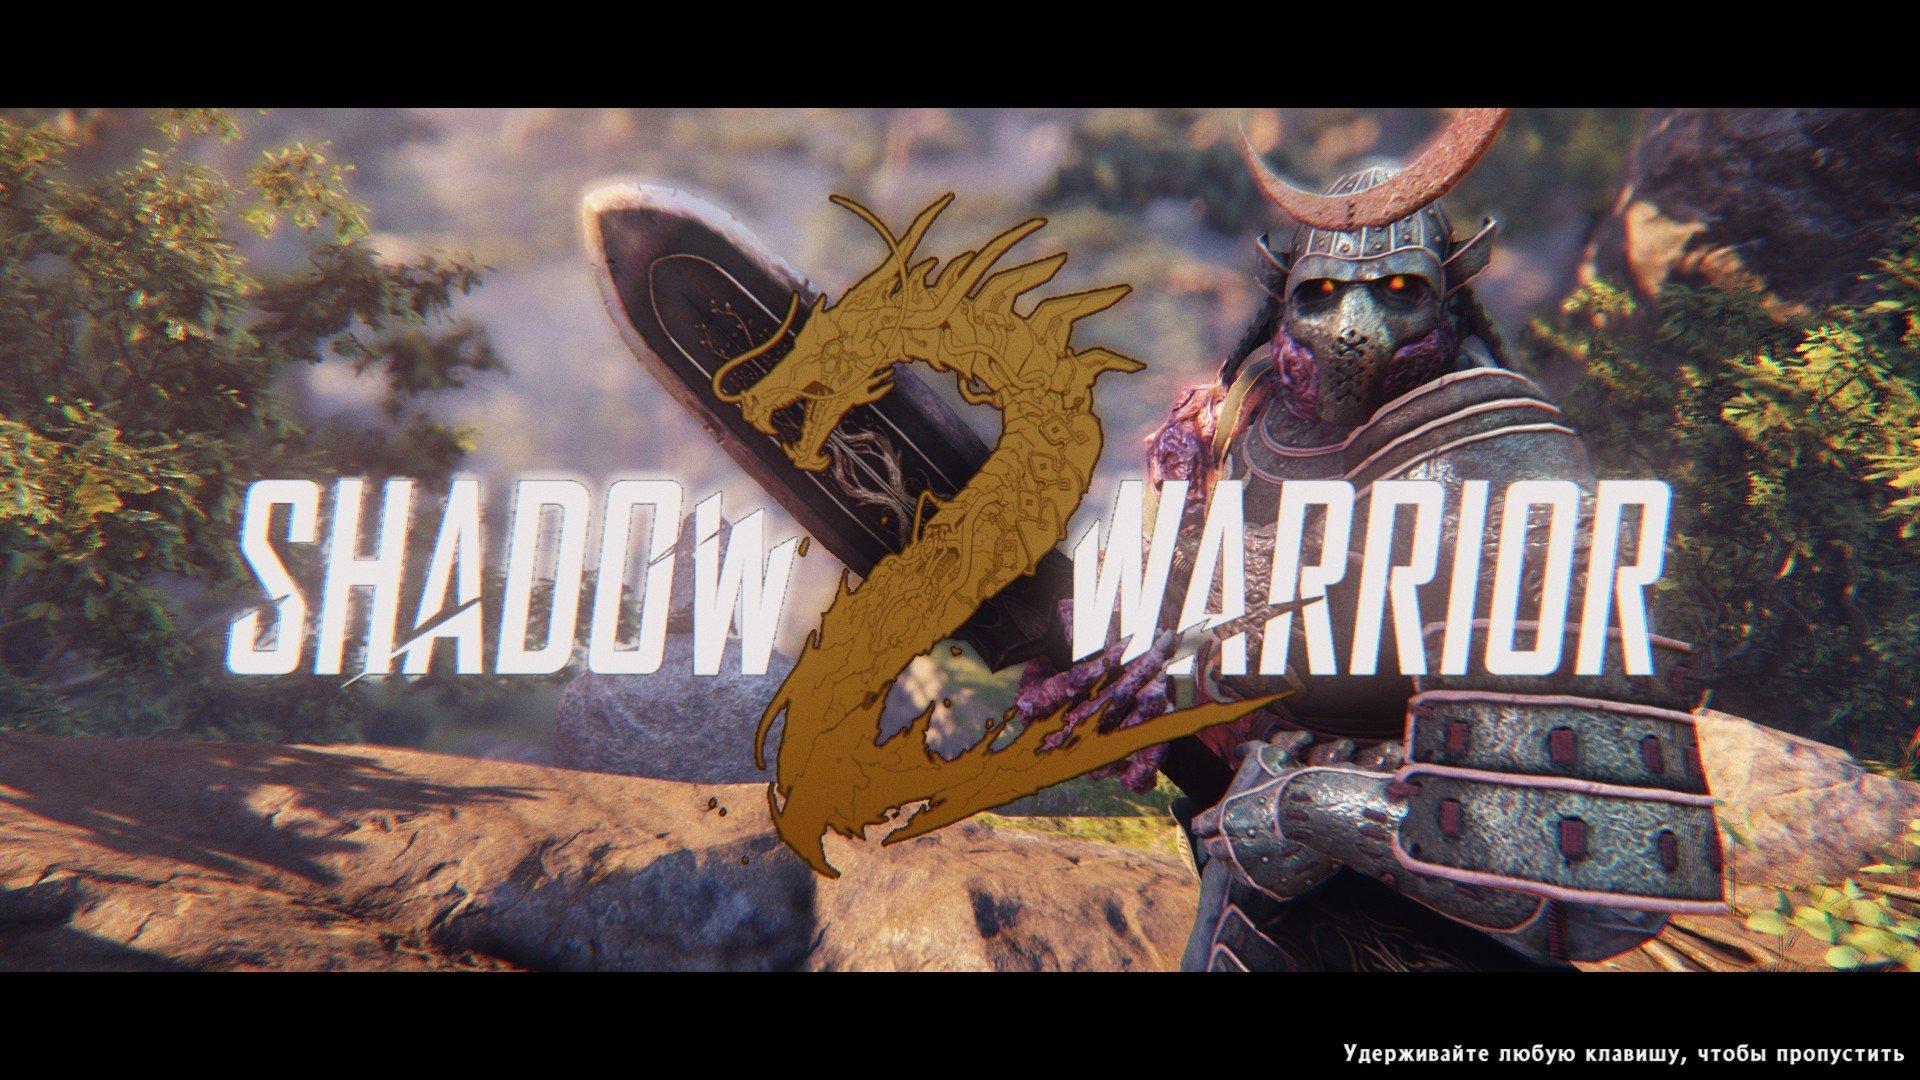 Пост-прохождение Shadow Warrior 2 Часть 1 НАЧАЛО. - Изображение 1